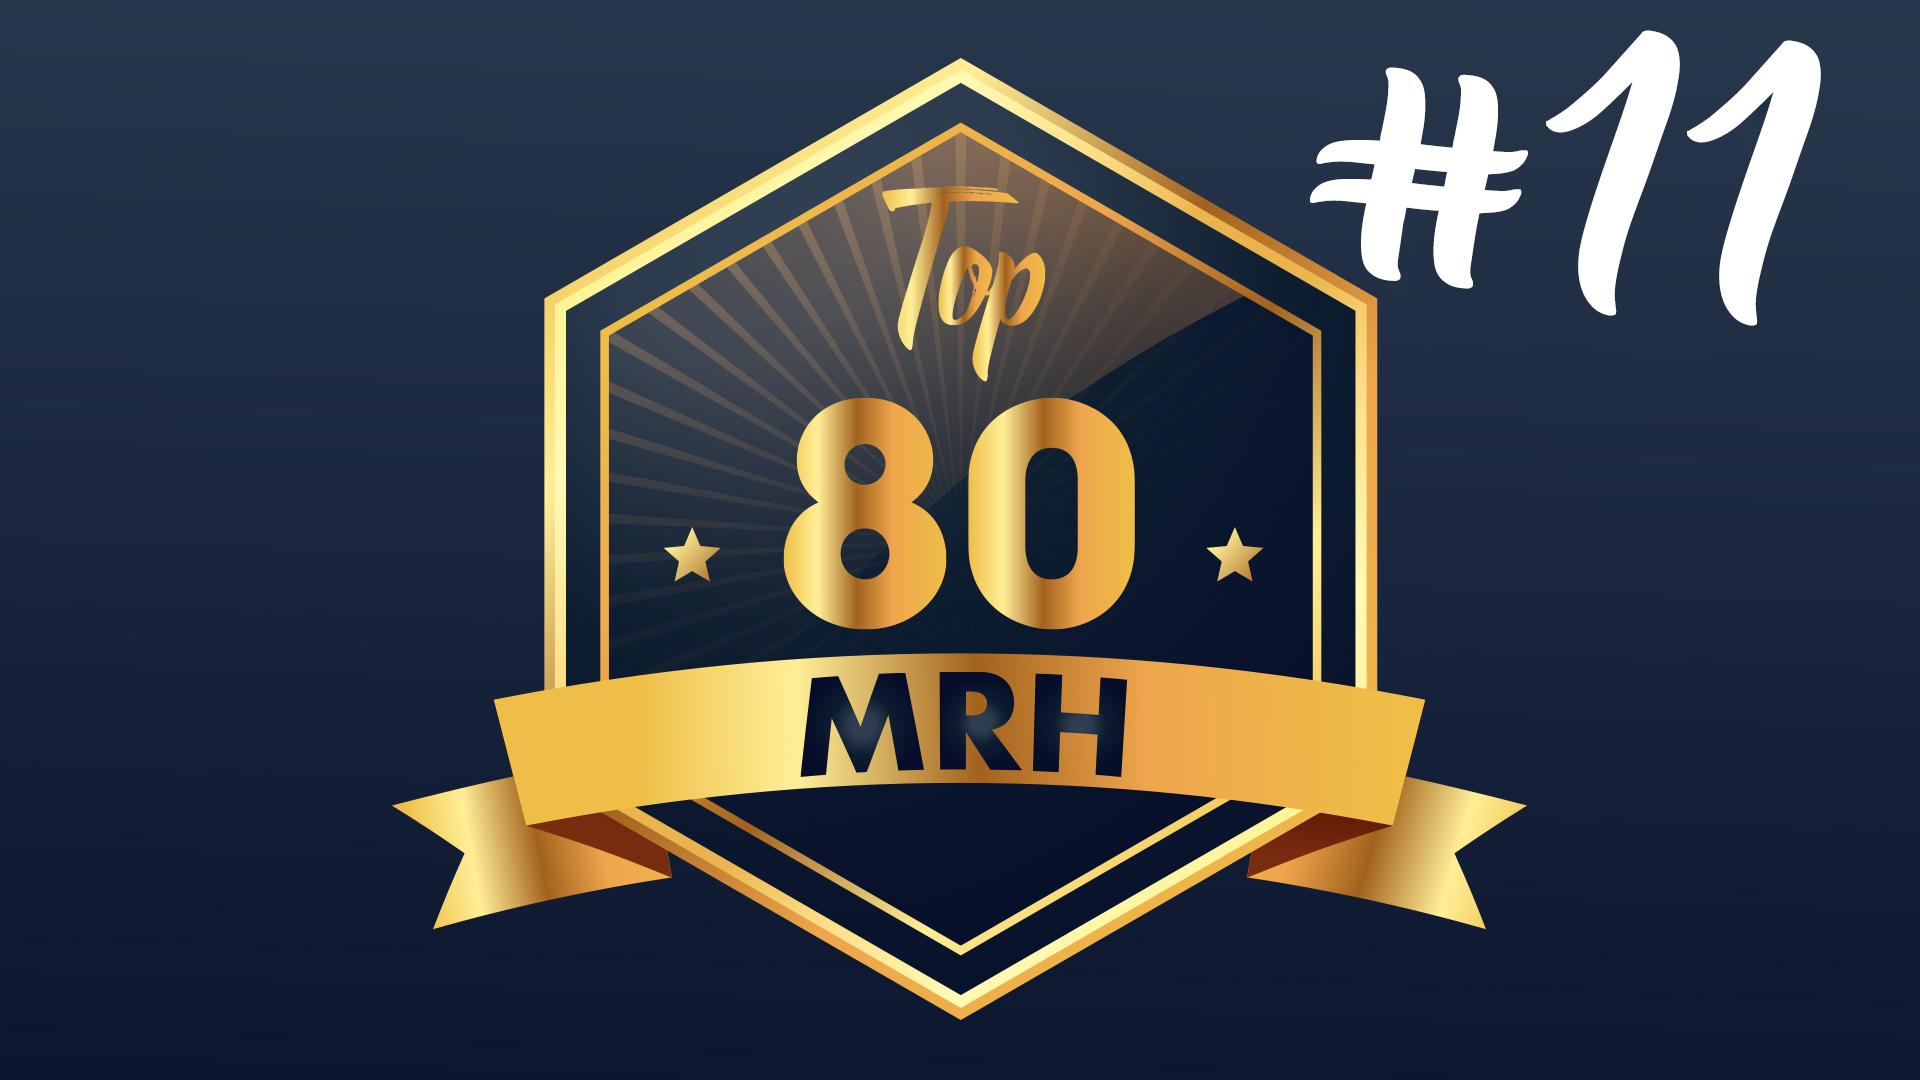 Top 80 MRH - Découvrez le 11e classement de l'année